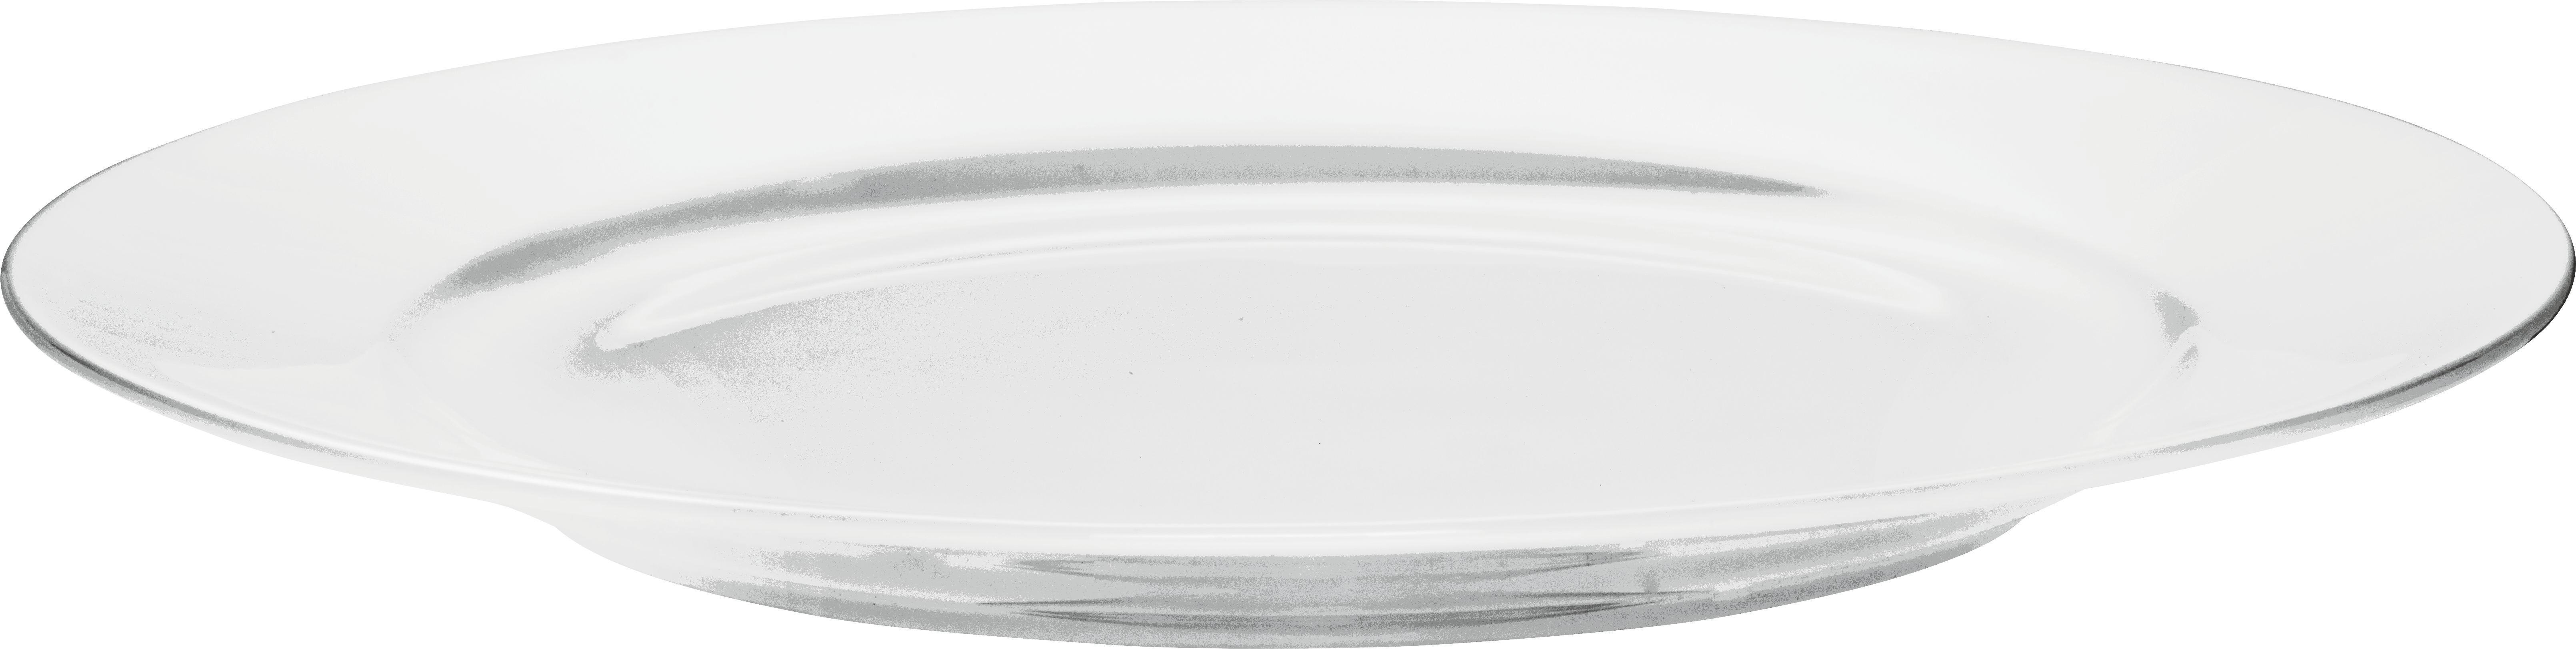 Desszertes Tányér Bonnie - fehér, modern, kerámia (20,3cm) - MÖMAX modern living